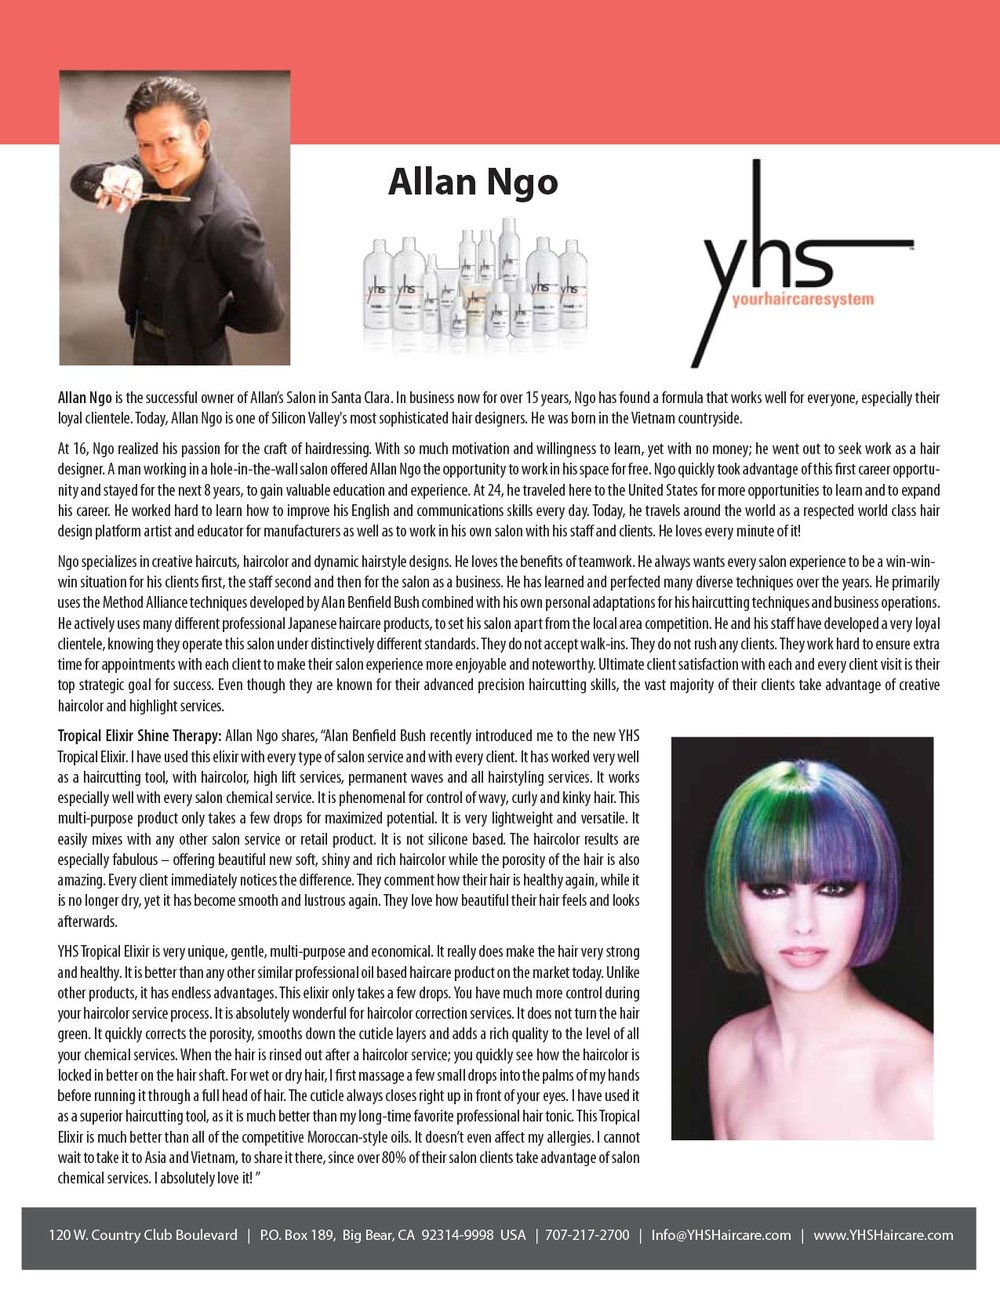 Alan Ngo Testimonial – YHS Haircare